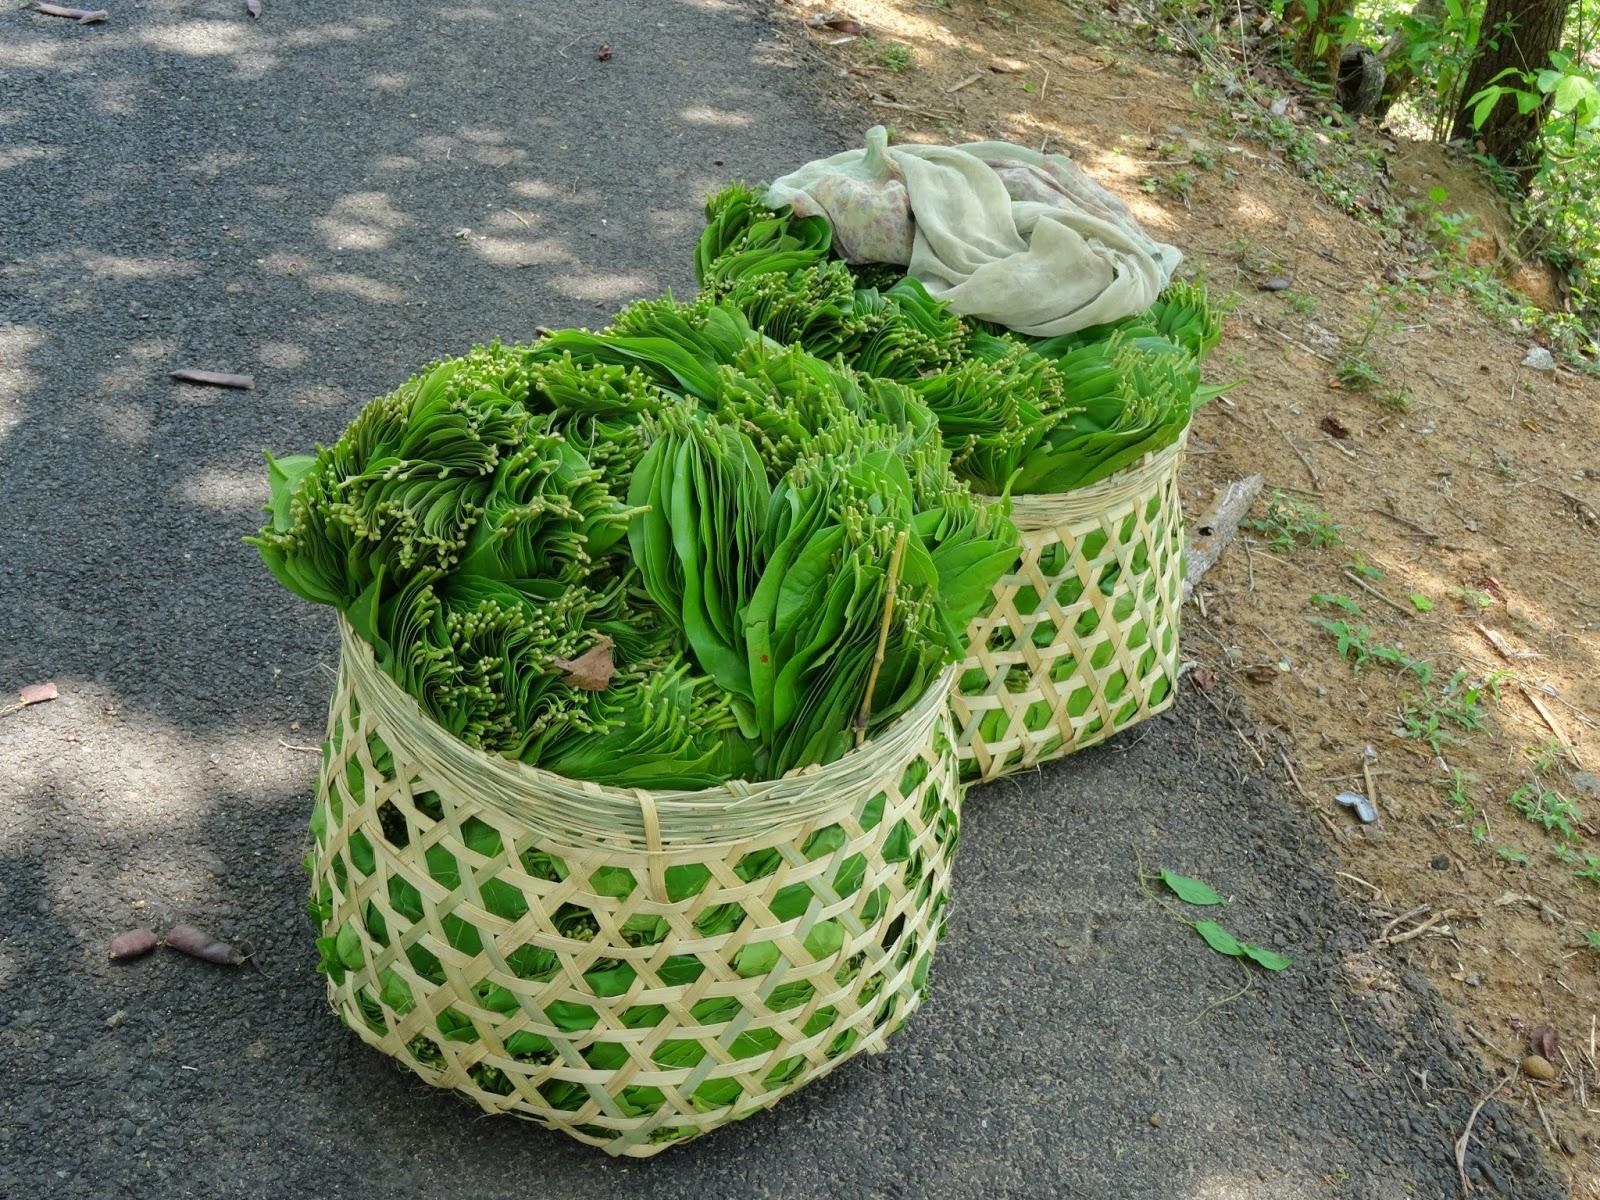 beedi leaves